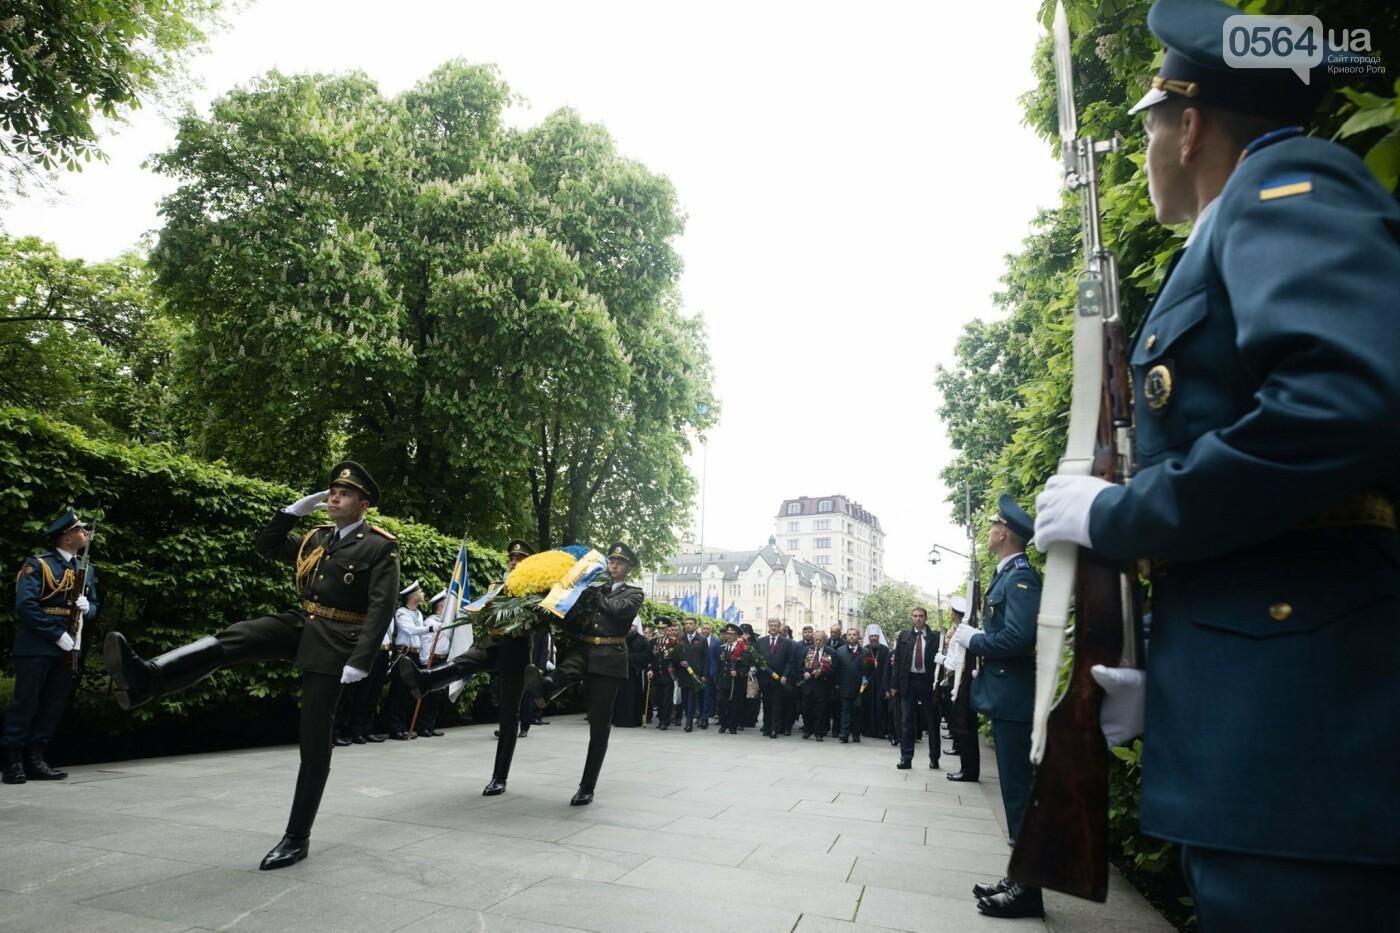 Порошенко: 5 лет потомки победителей нацизма защищают свободу и выбор украинского народа от российской агрессии, фото-4